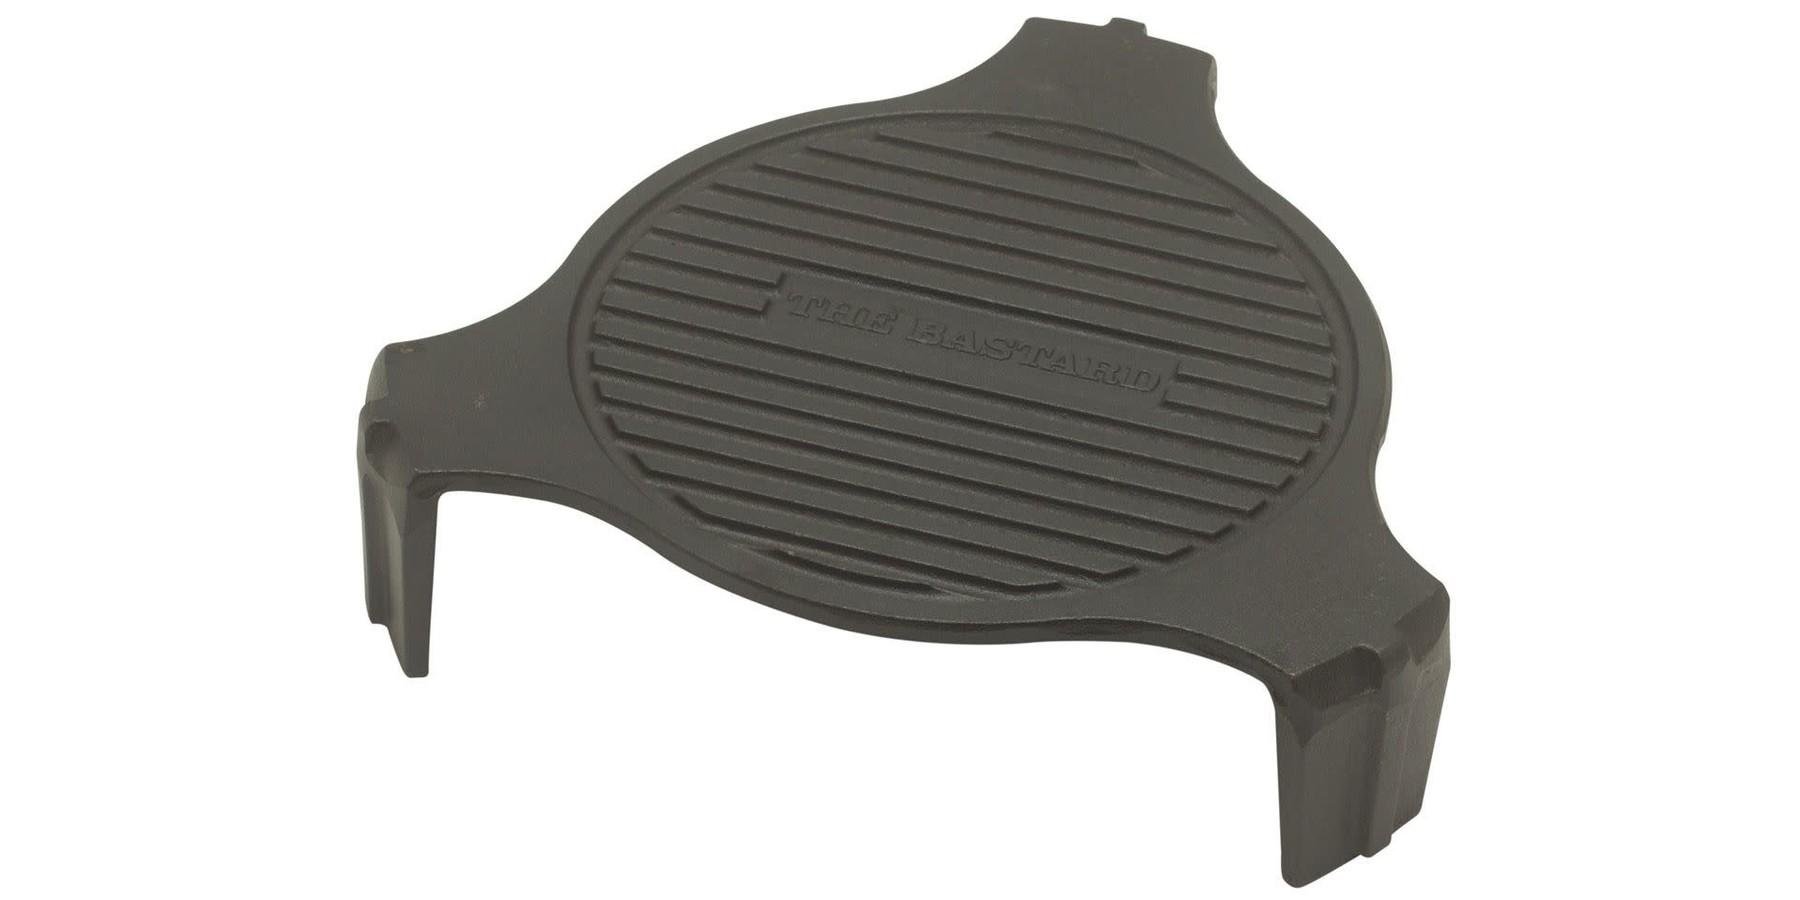 Gietijzeren plate setter of cast iron convector